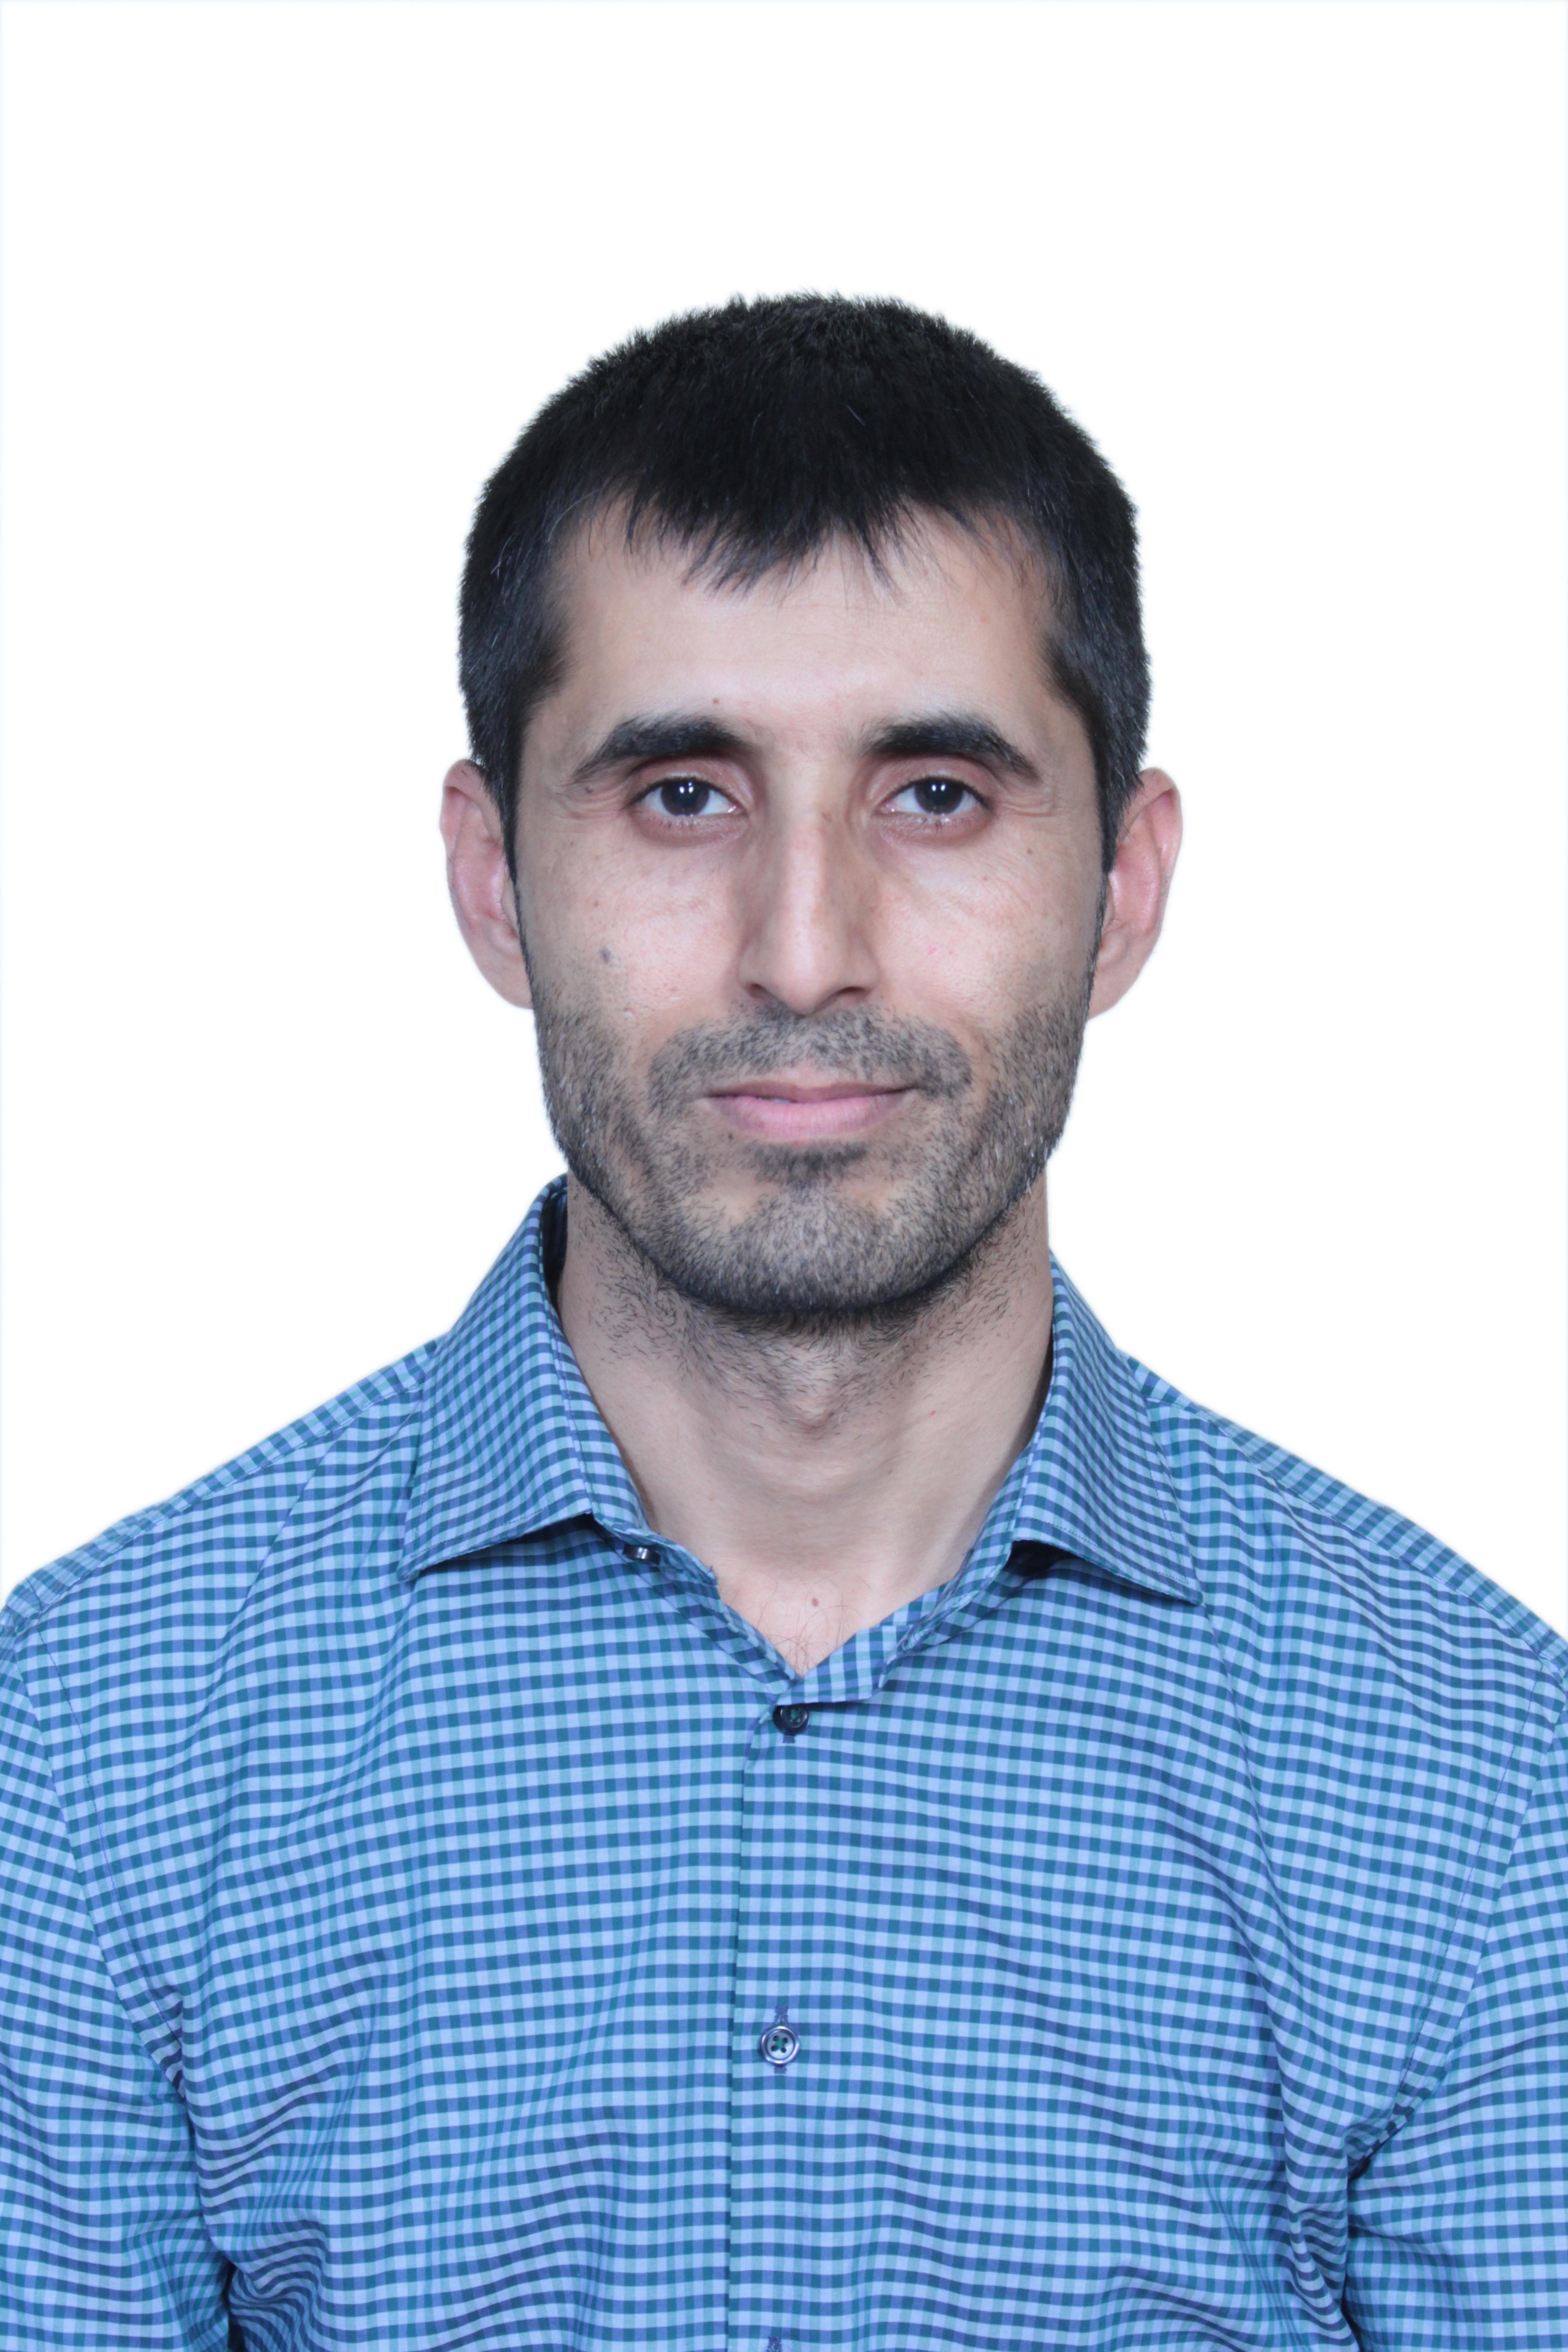 Izhar Ullah